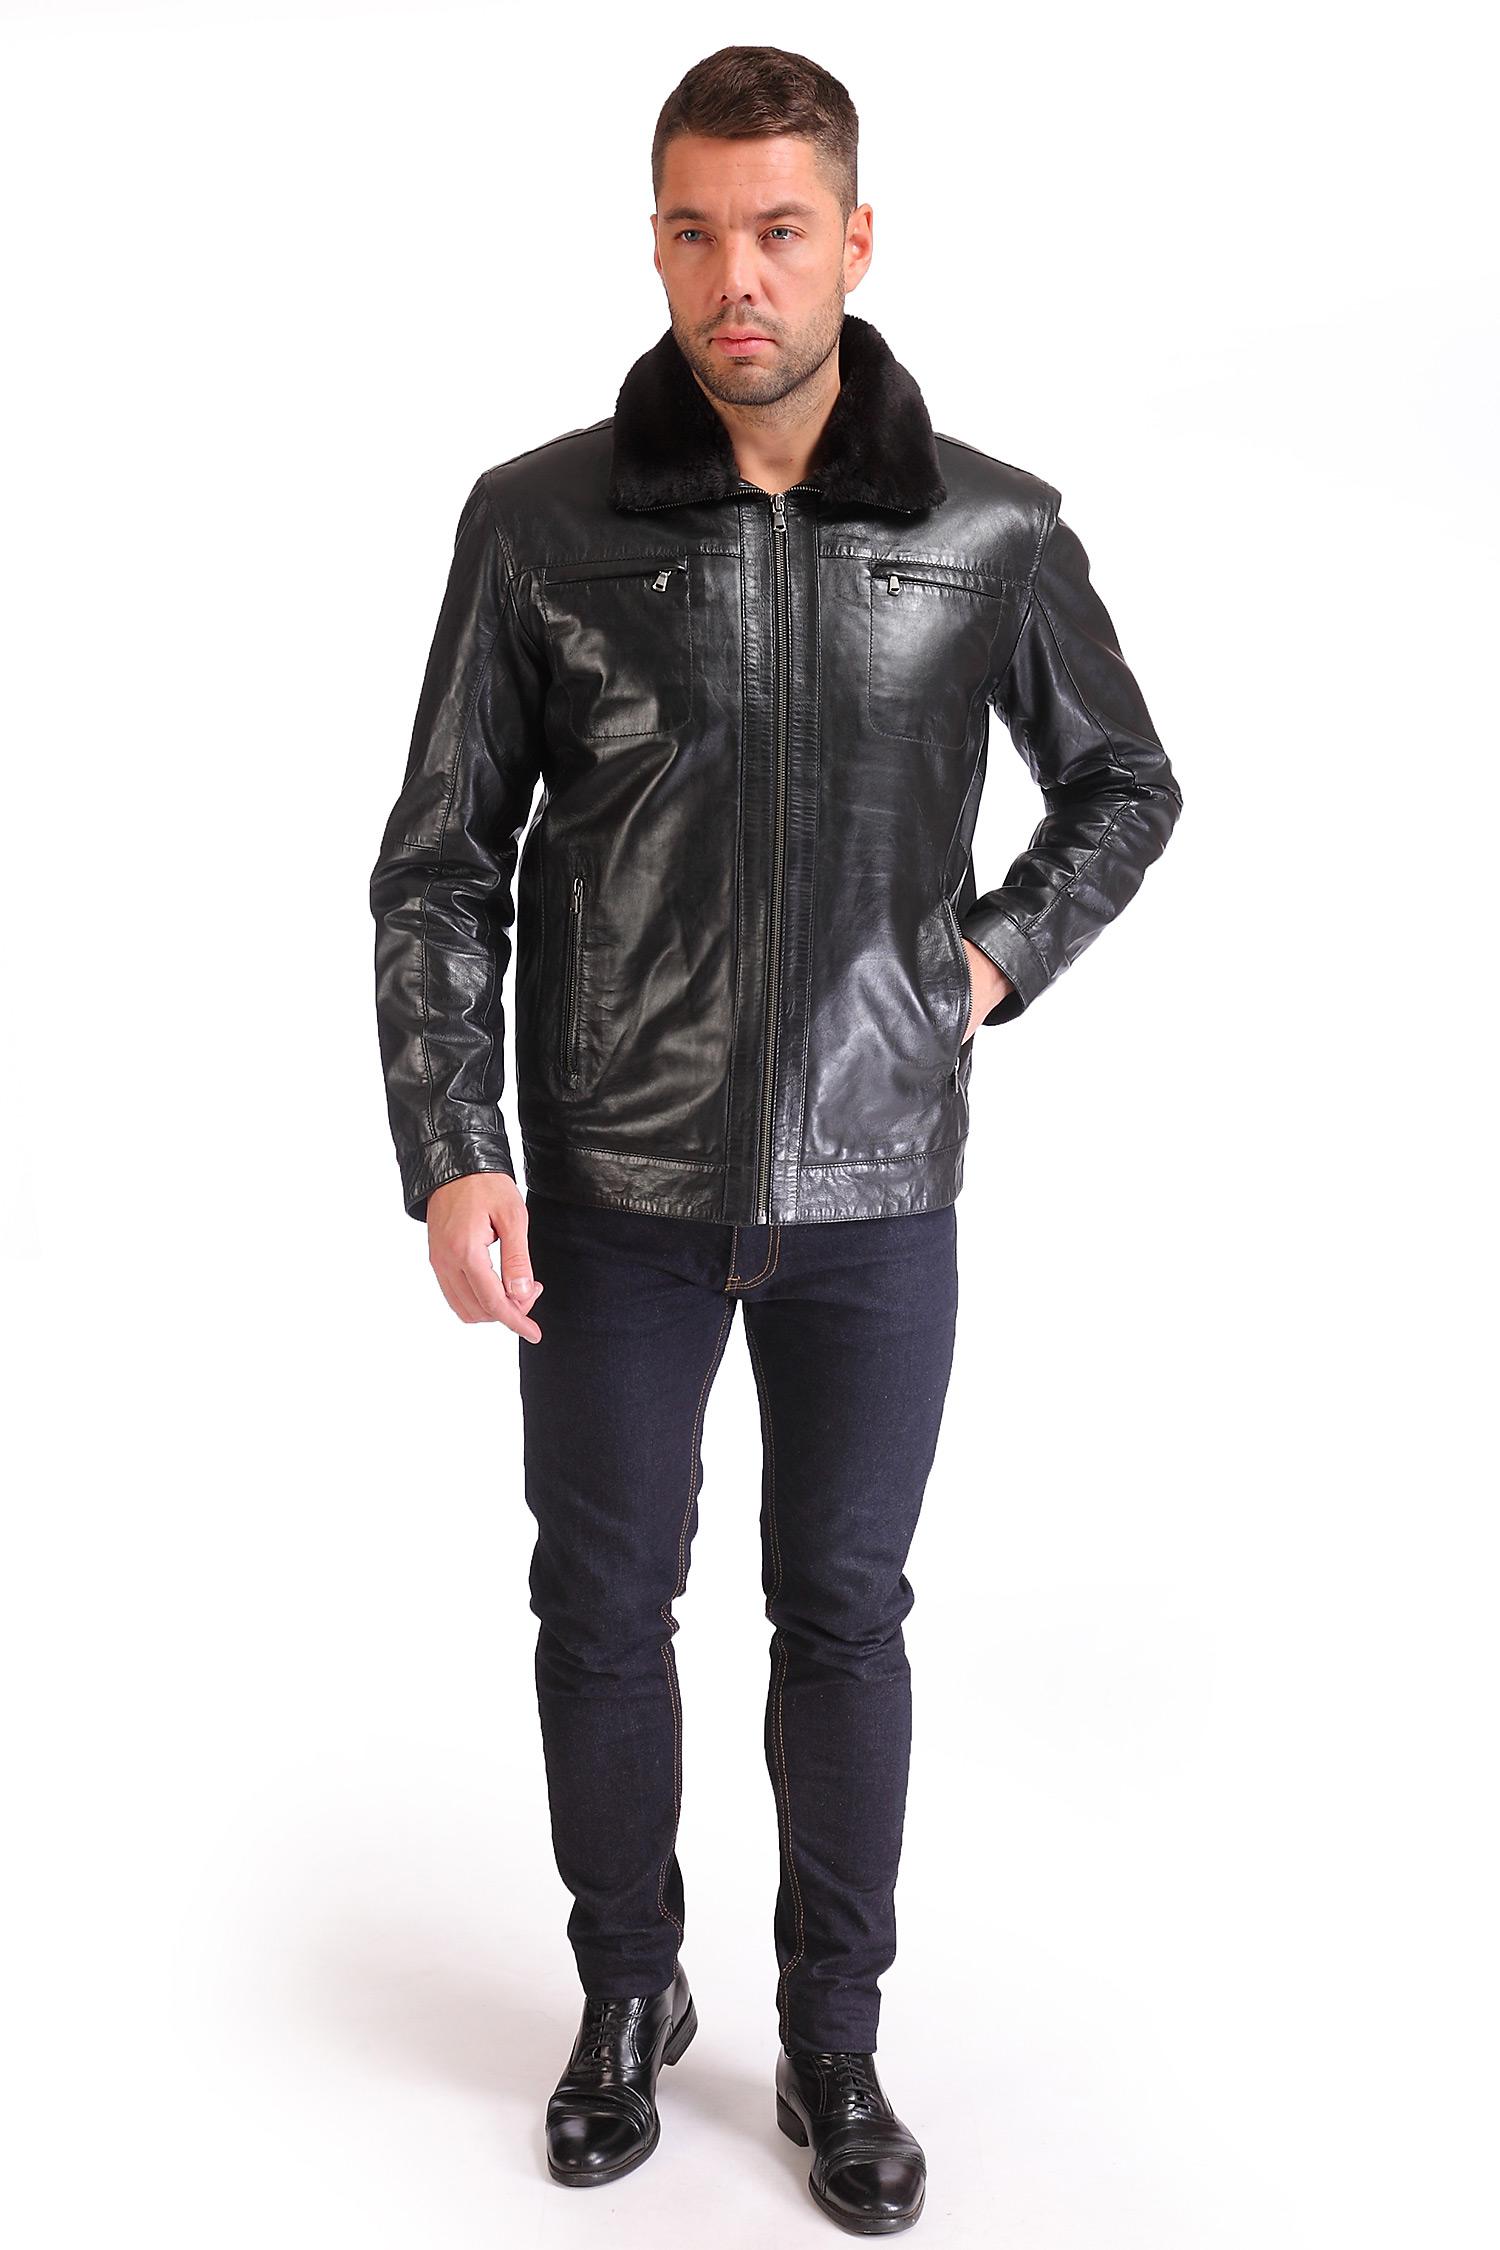 Мужская кожаная куртка из натуральной кожи утепленная, отделка искусственный мех от Московская Меховая Компания